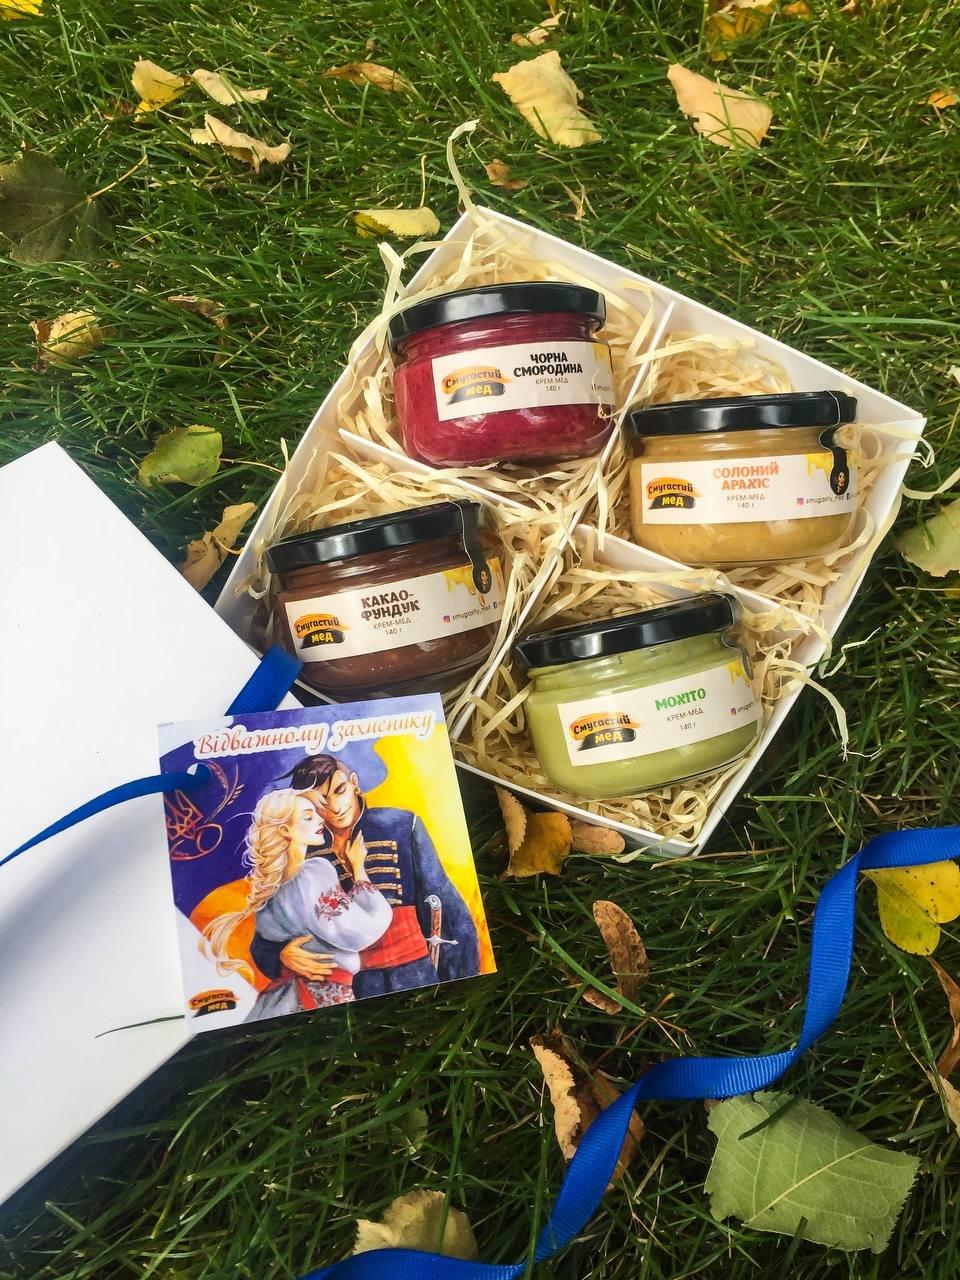 Что подарить мужчине на 14 октября - День защитников Украины? Подарочные наборы с wow-эффектом, фото-1